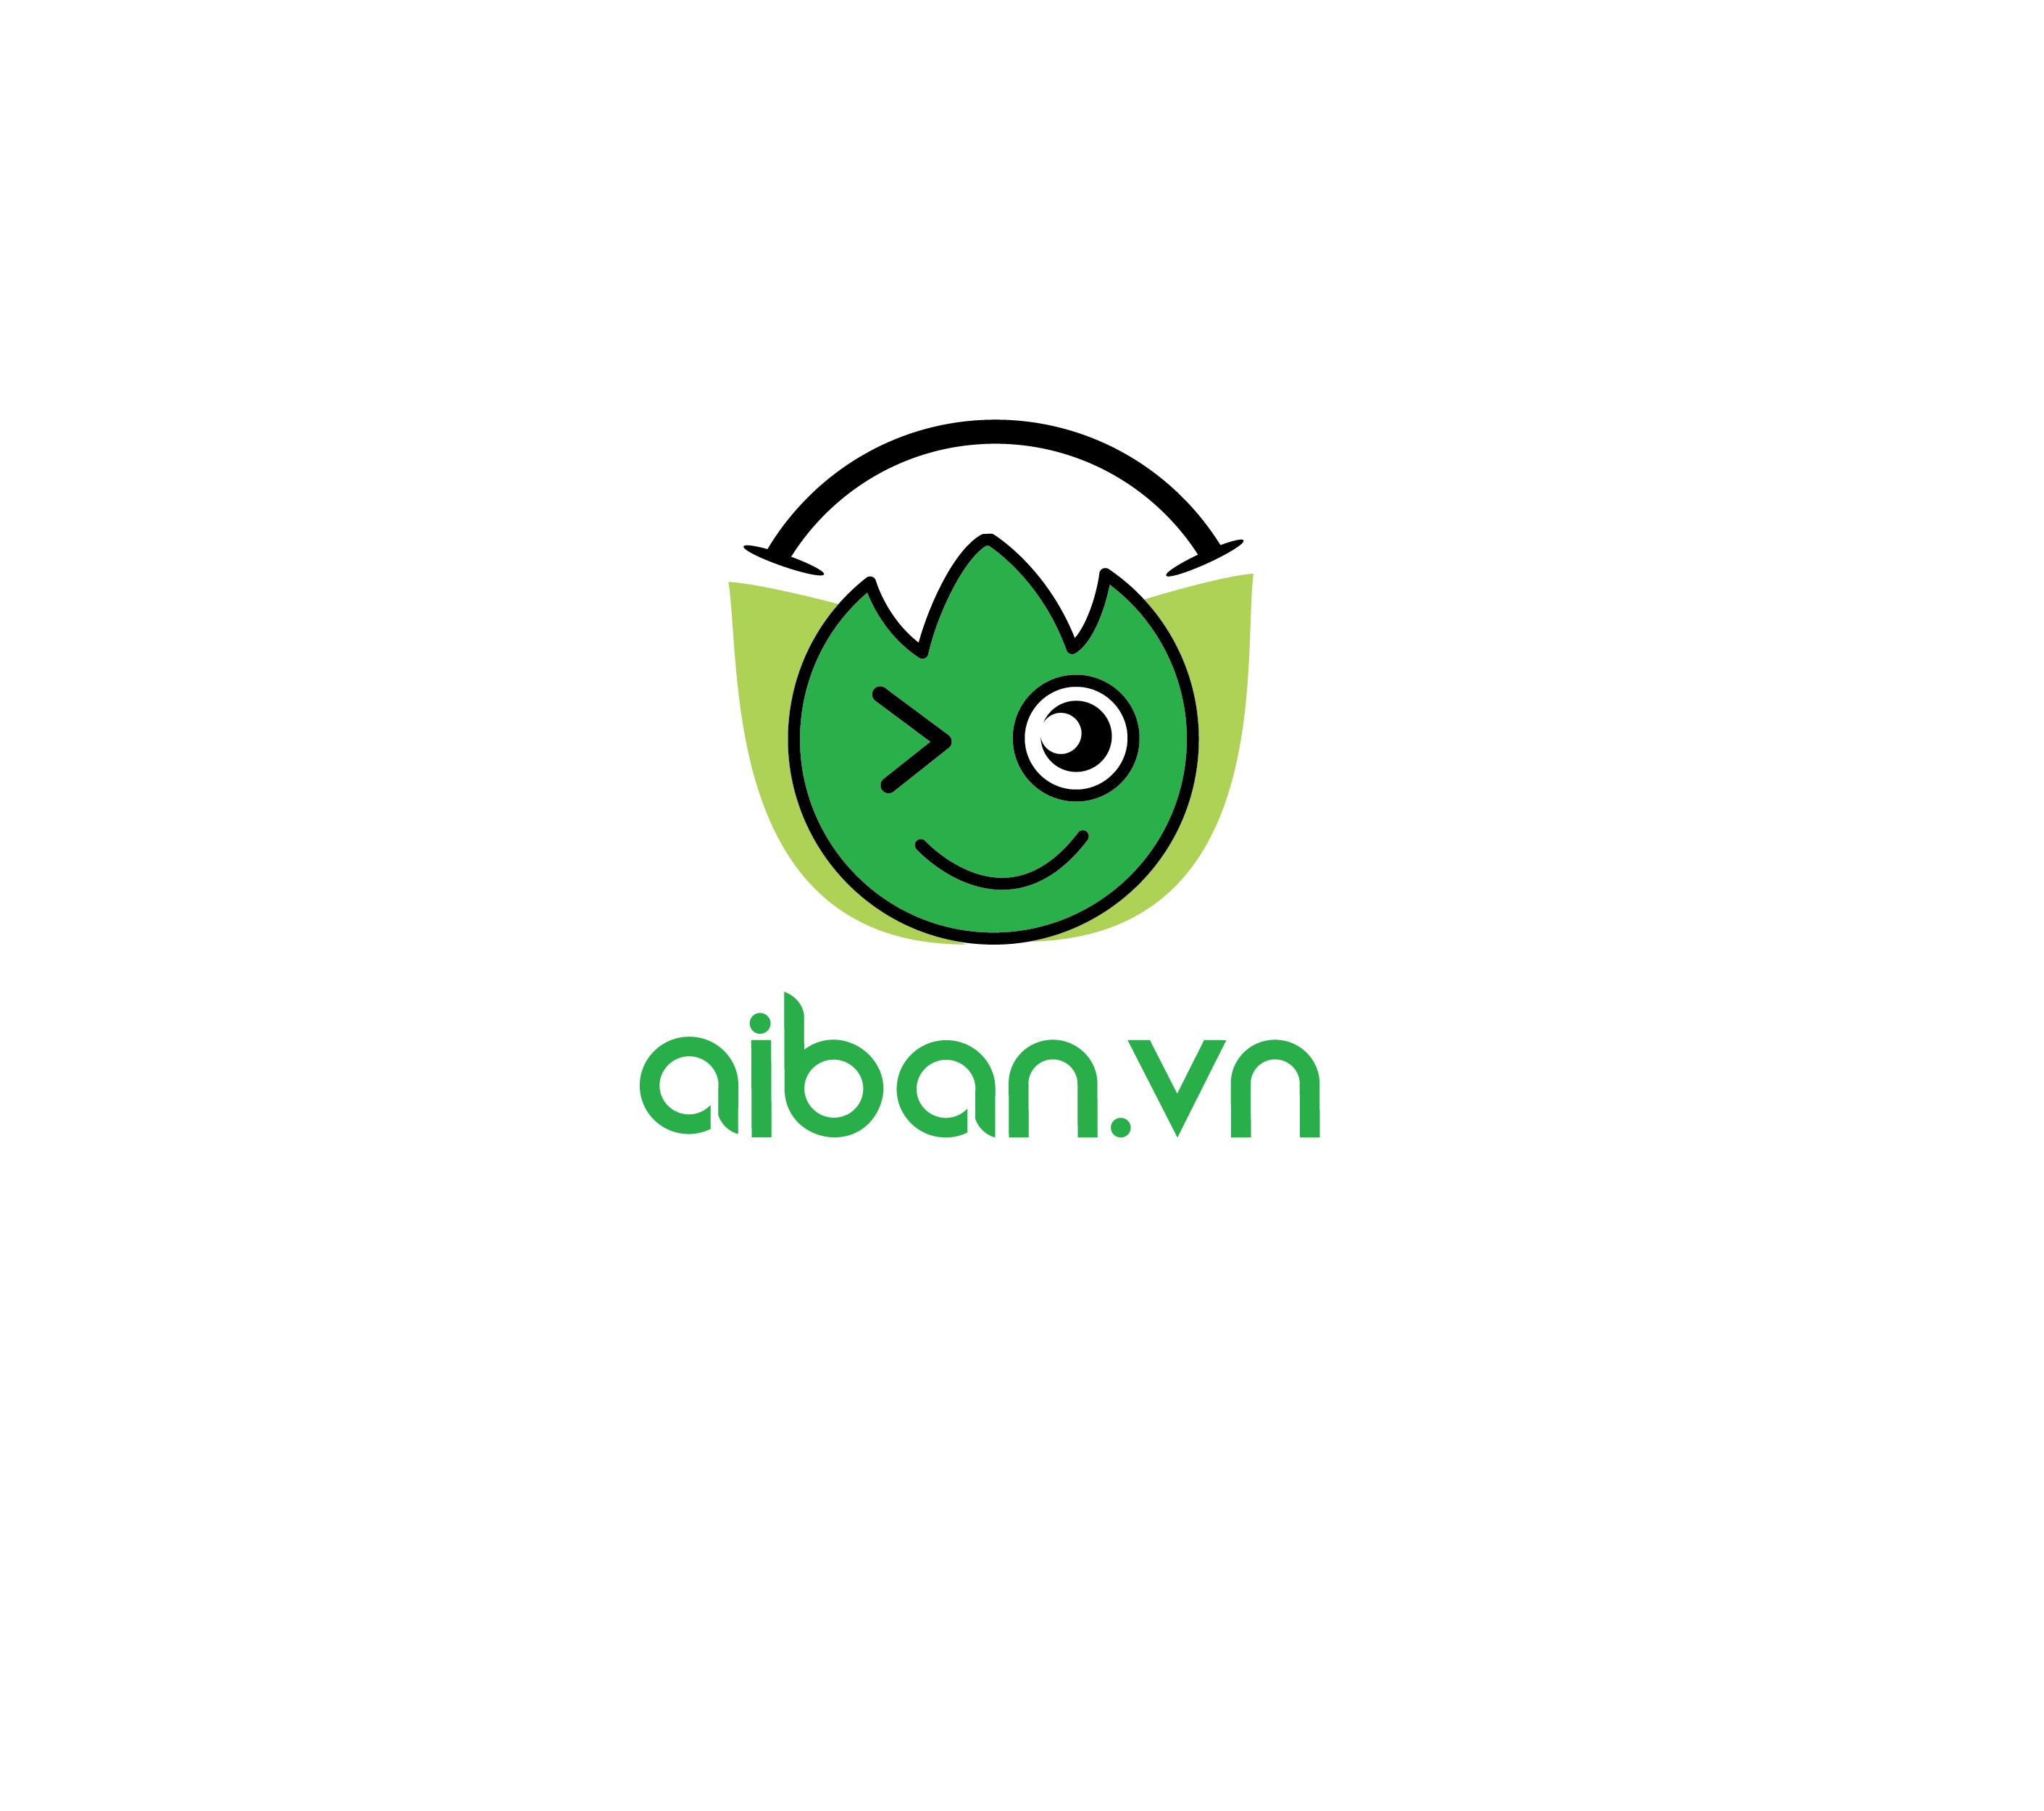 Công ty TNHH Việt Nam Aiban.vn